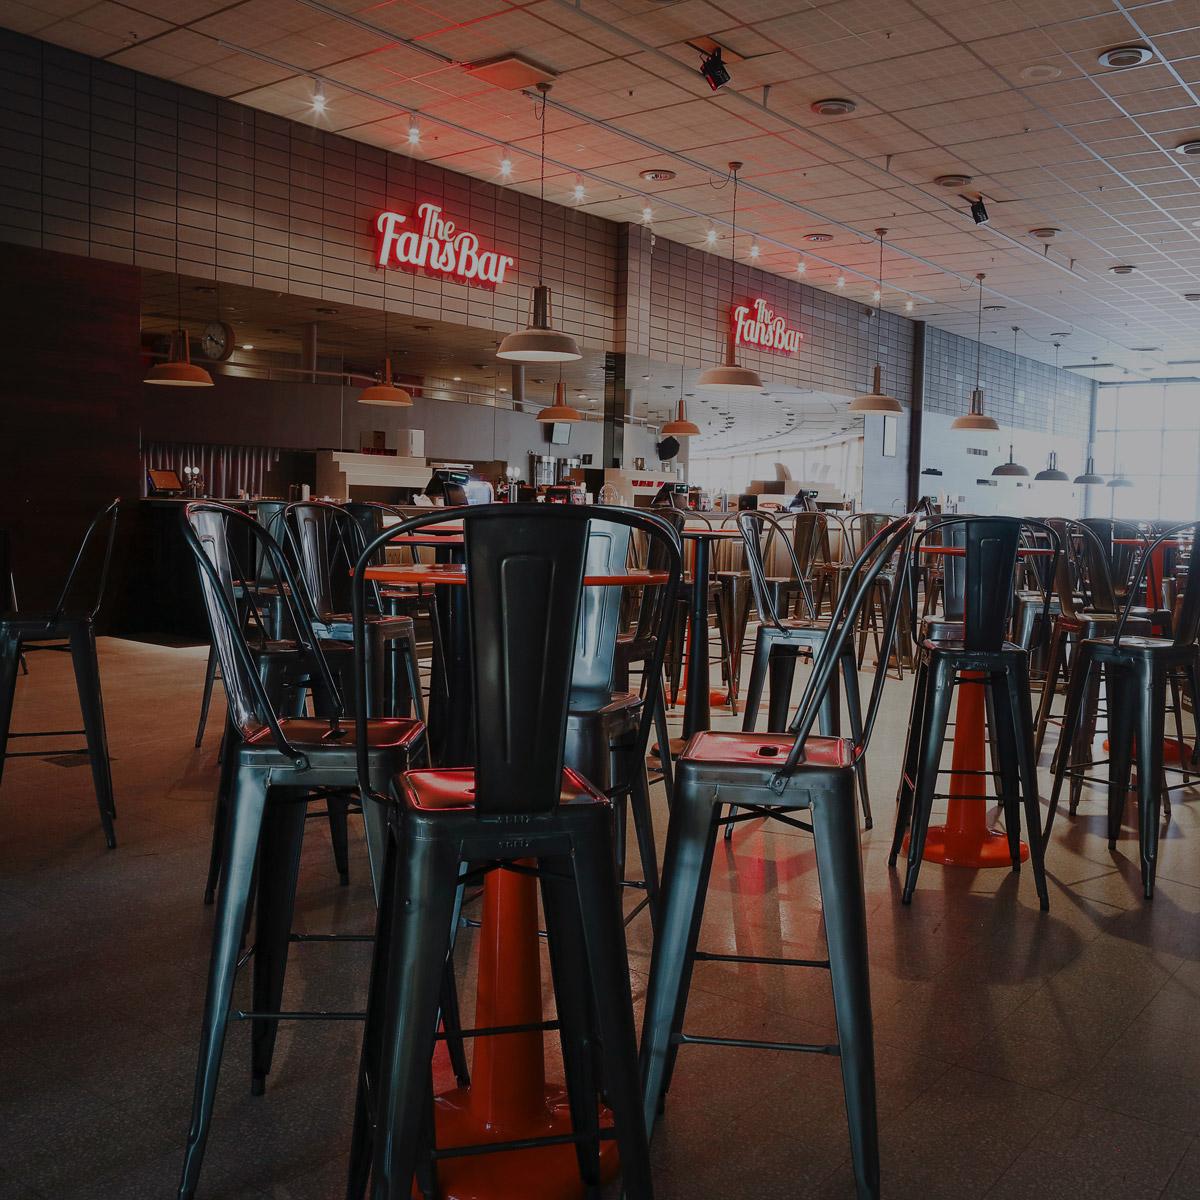 The Fans Bar